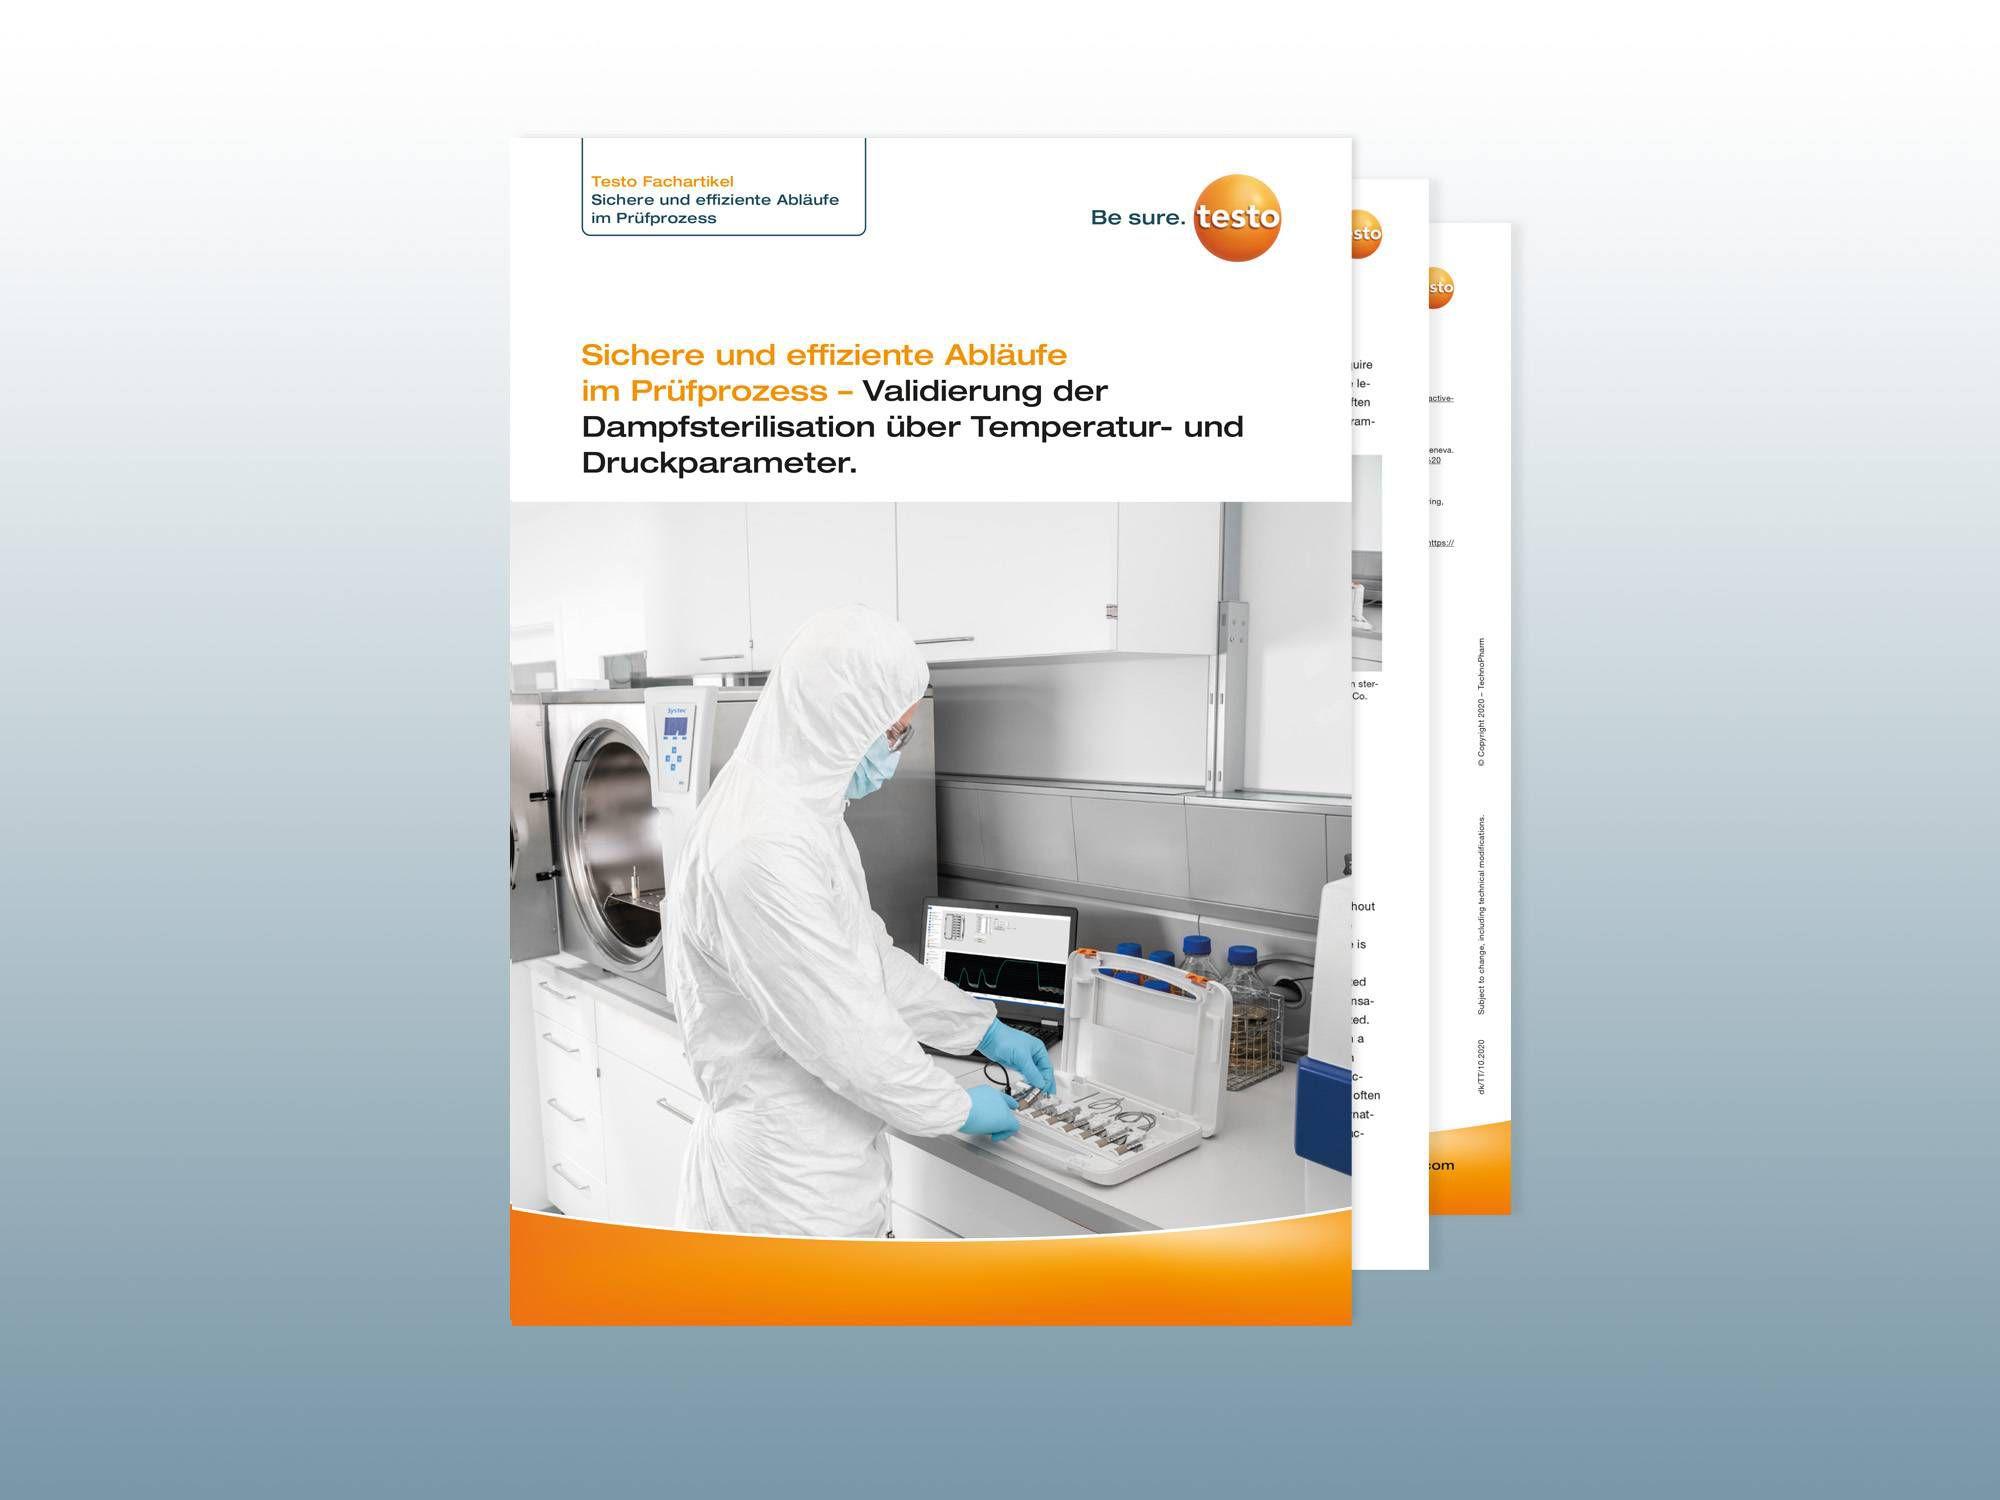 Whitepaper: Validierung der Dampfsterilisation